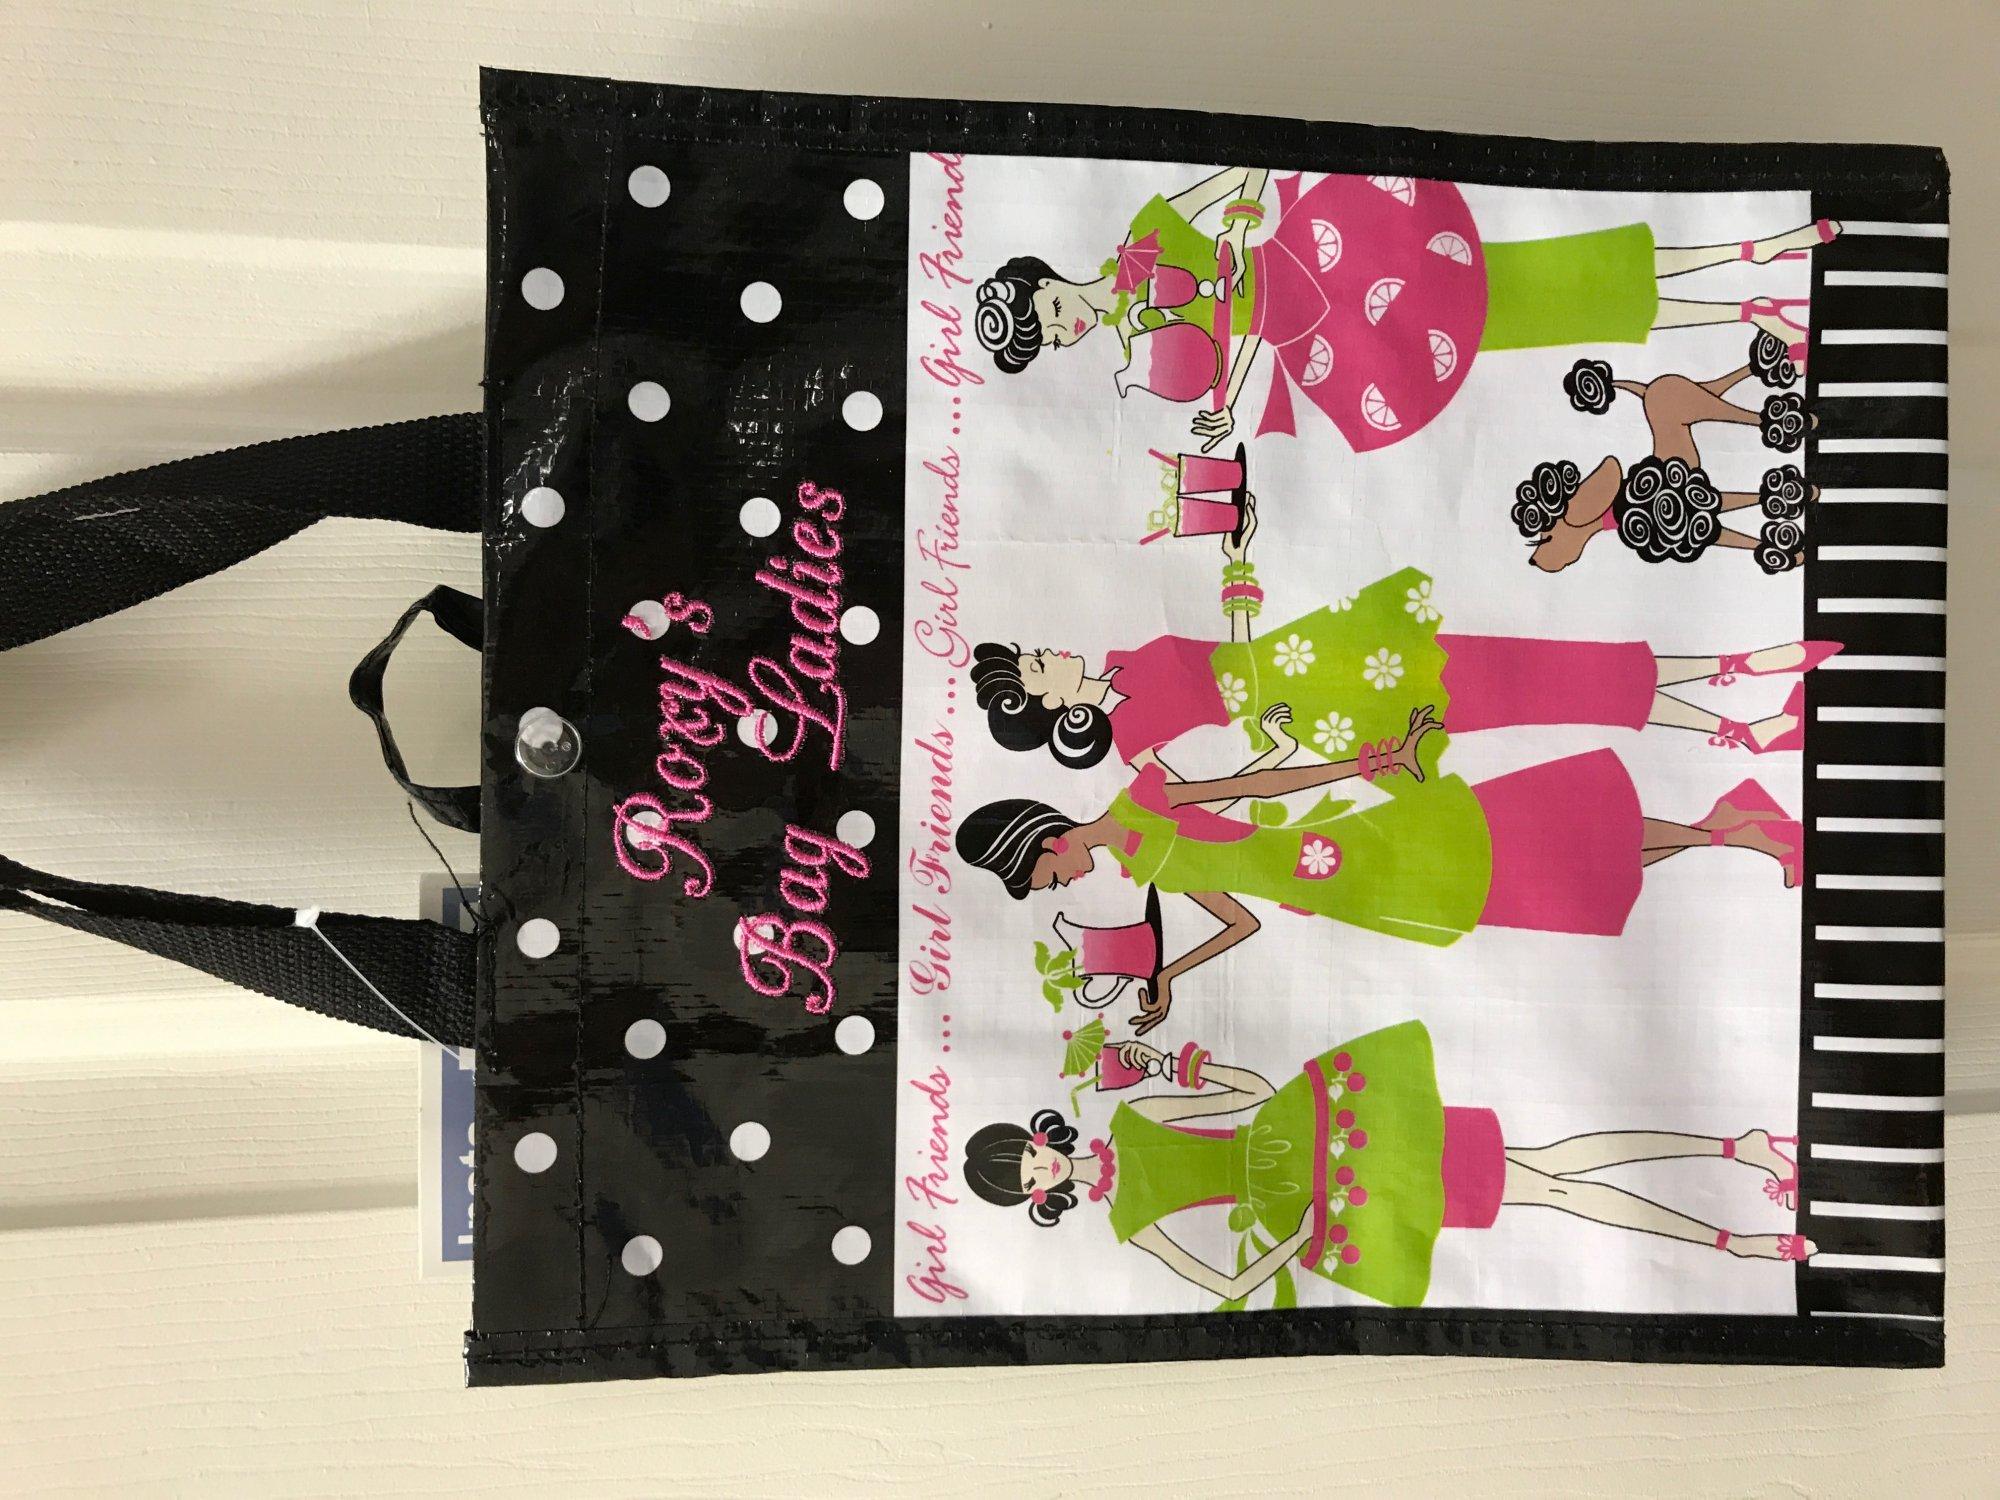 Roxy's Bag Ladies Program